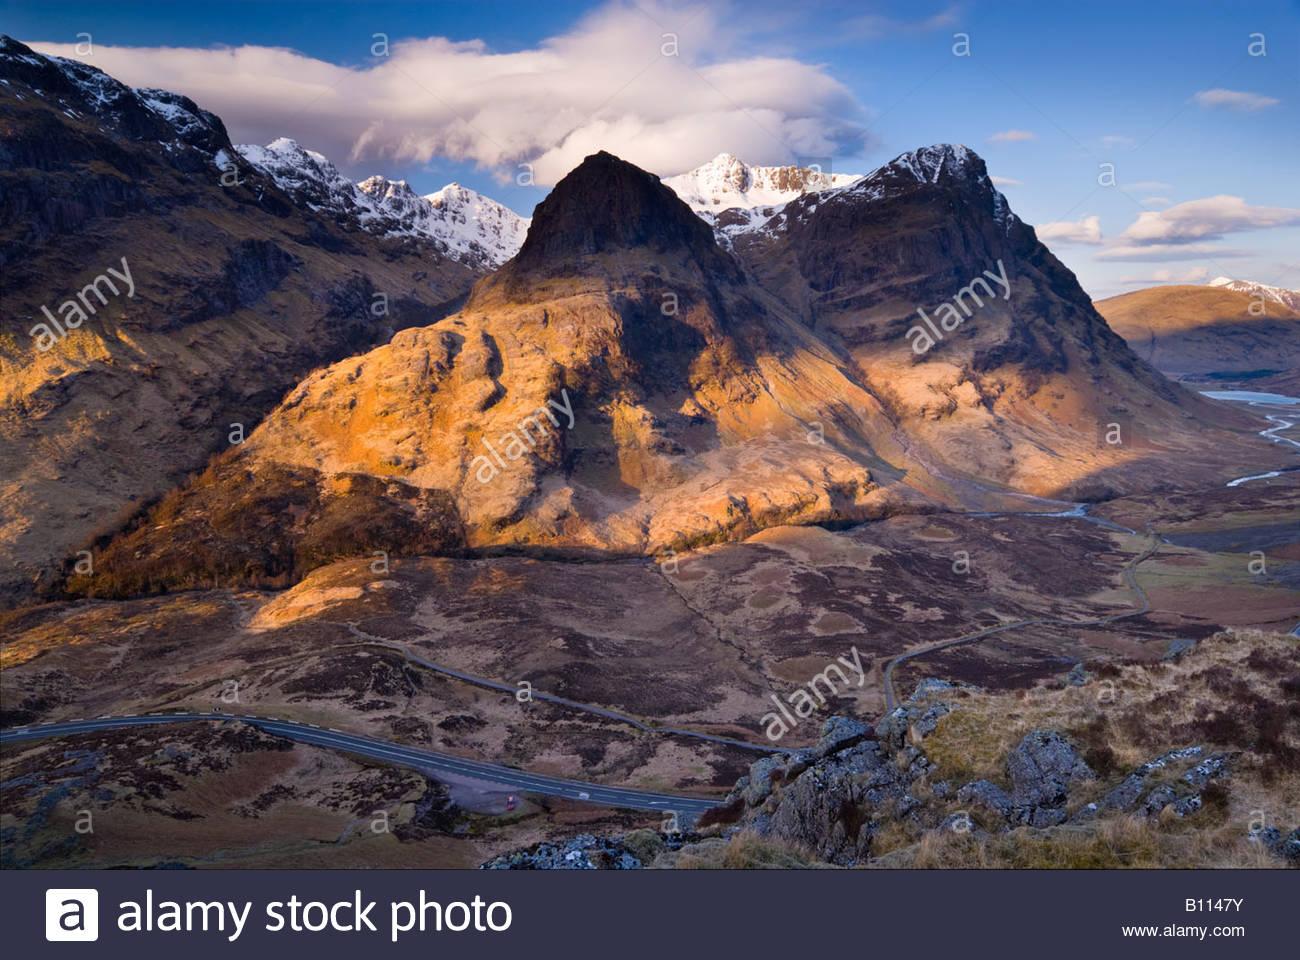 The Three Sisters of Glencoe, Highlands, Scotland, UK. - Stock Image